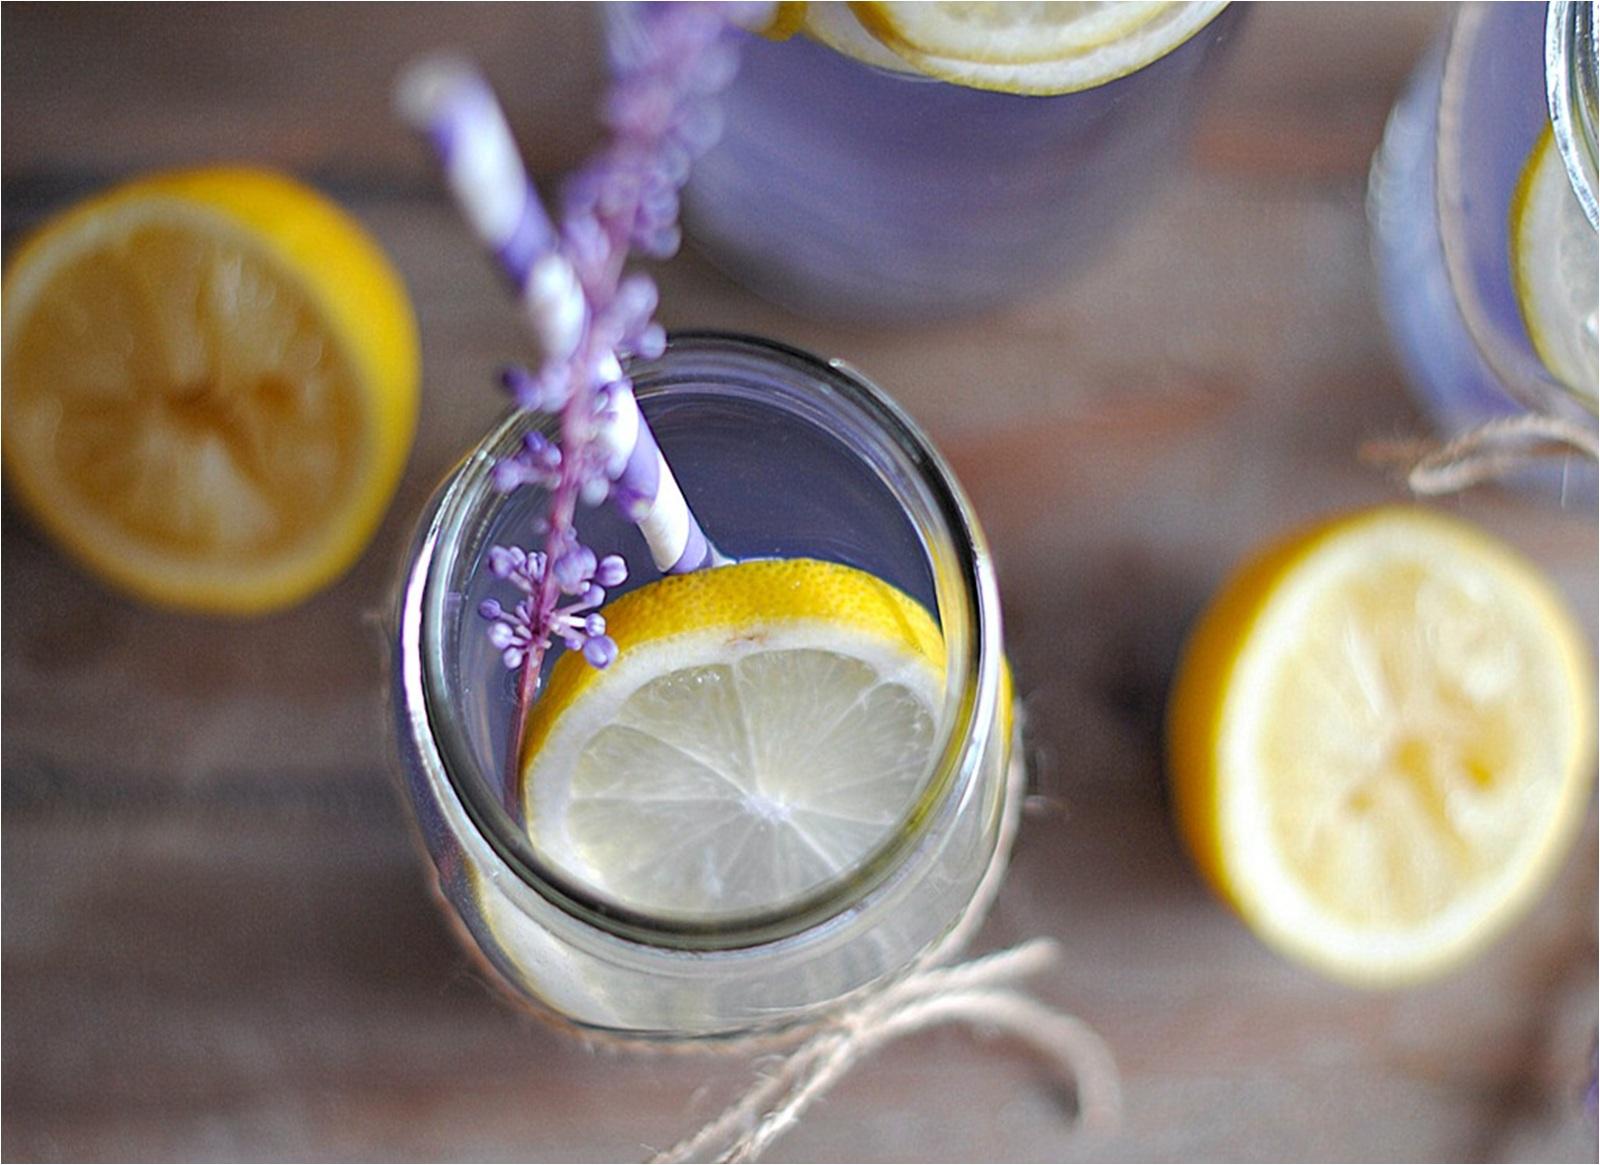 vaso de limonada de lavanda